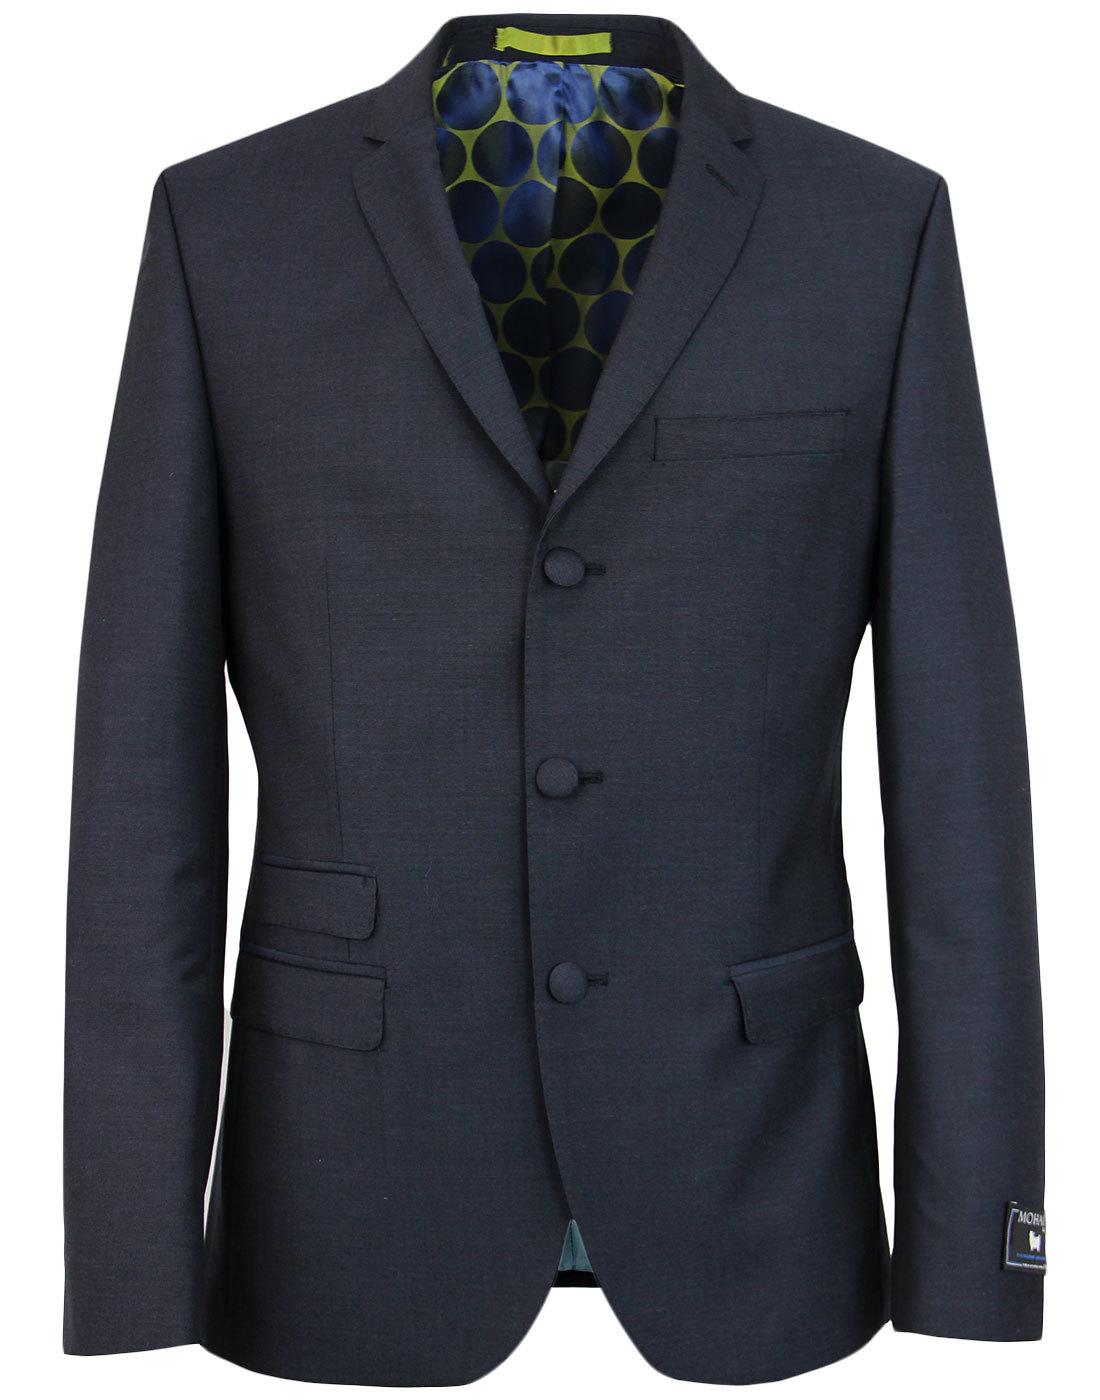 MADCAP ENGLAND Classic Mohair 3 Button Suit Jacket